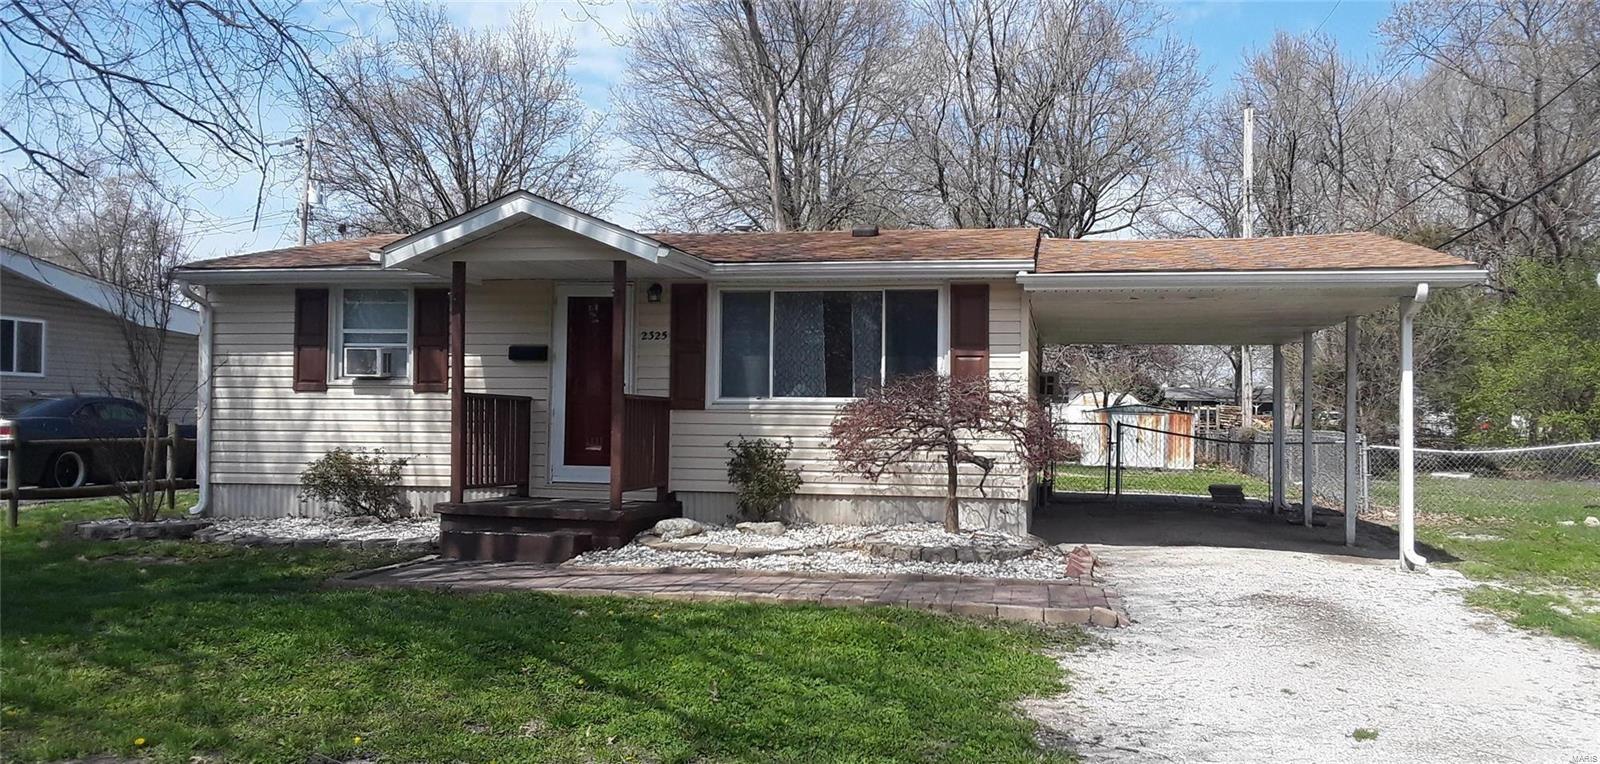 2325 Paul Avenue, Granite City, IL 62040 - MLS#: 20021342